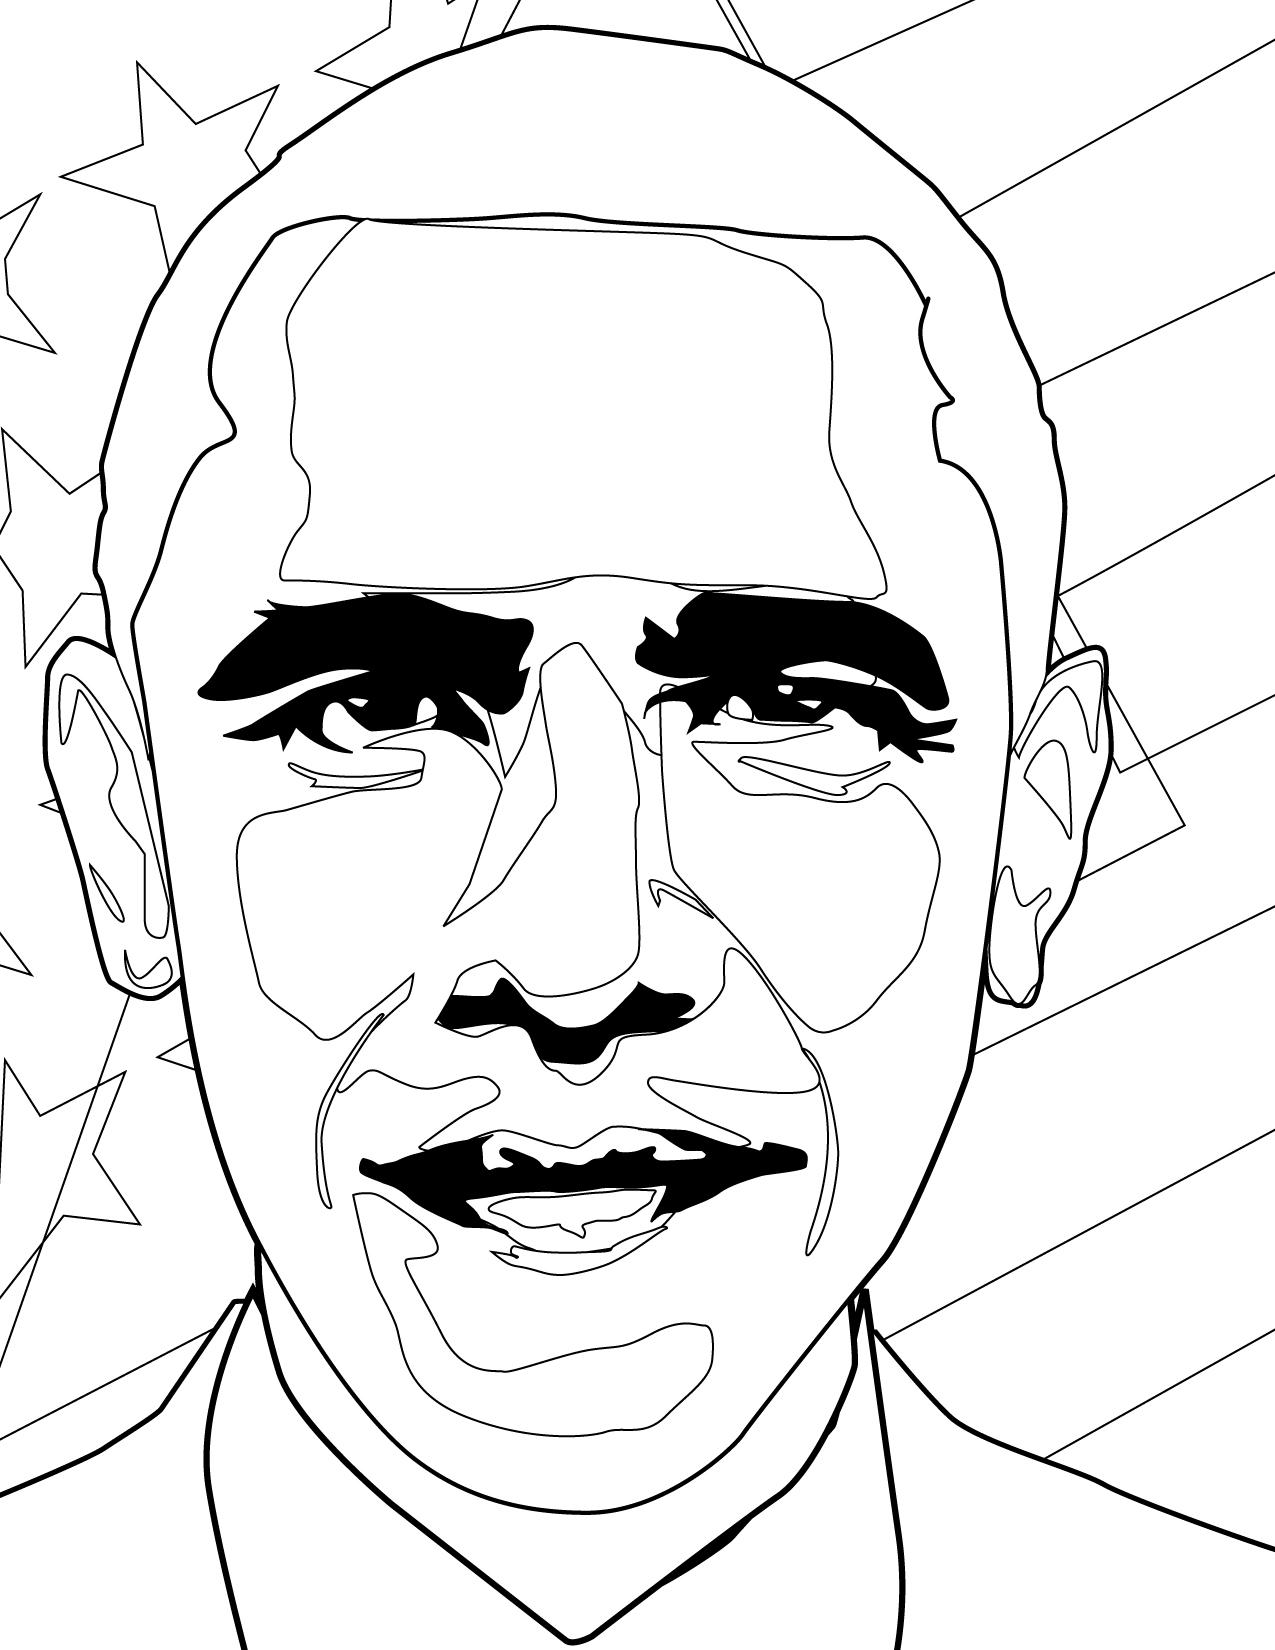 Download Barack Obama Coloring For Free